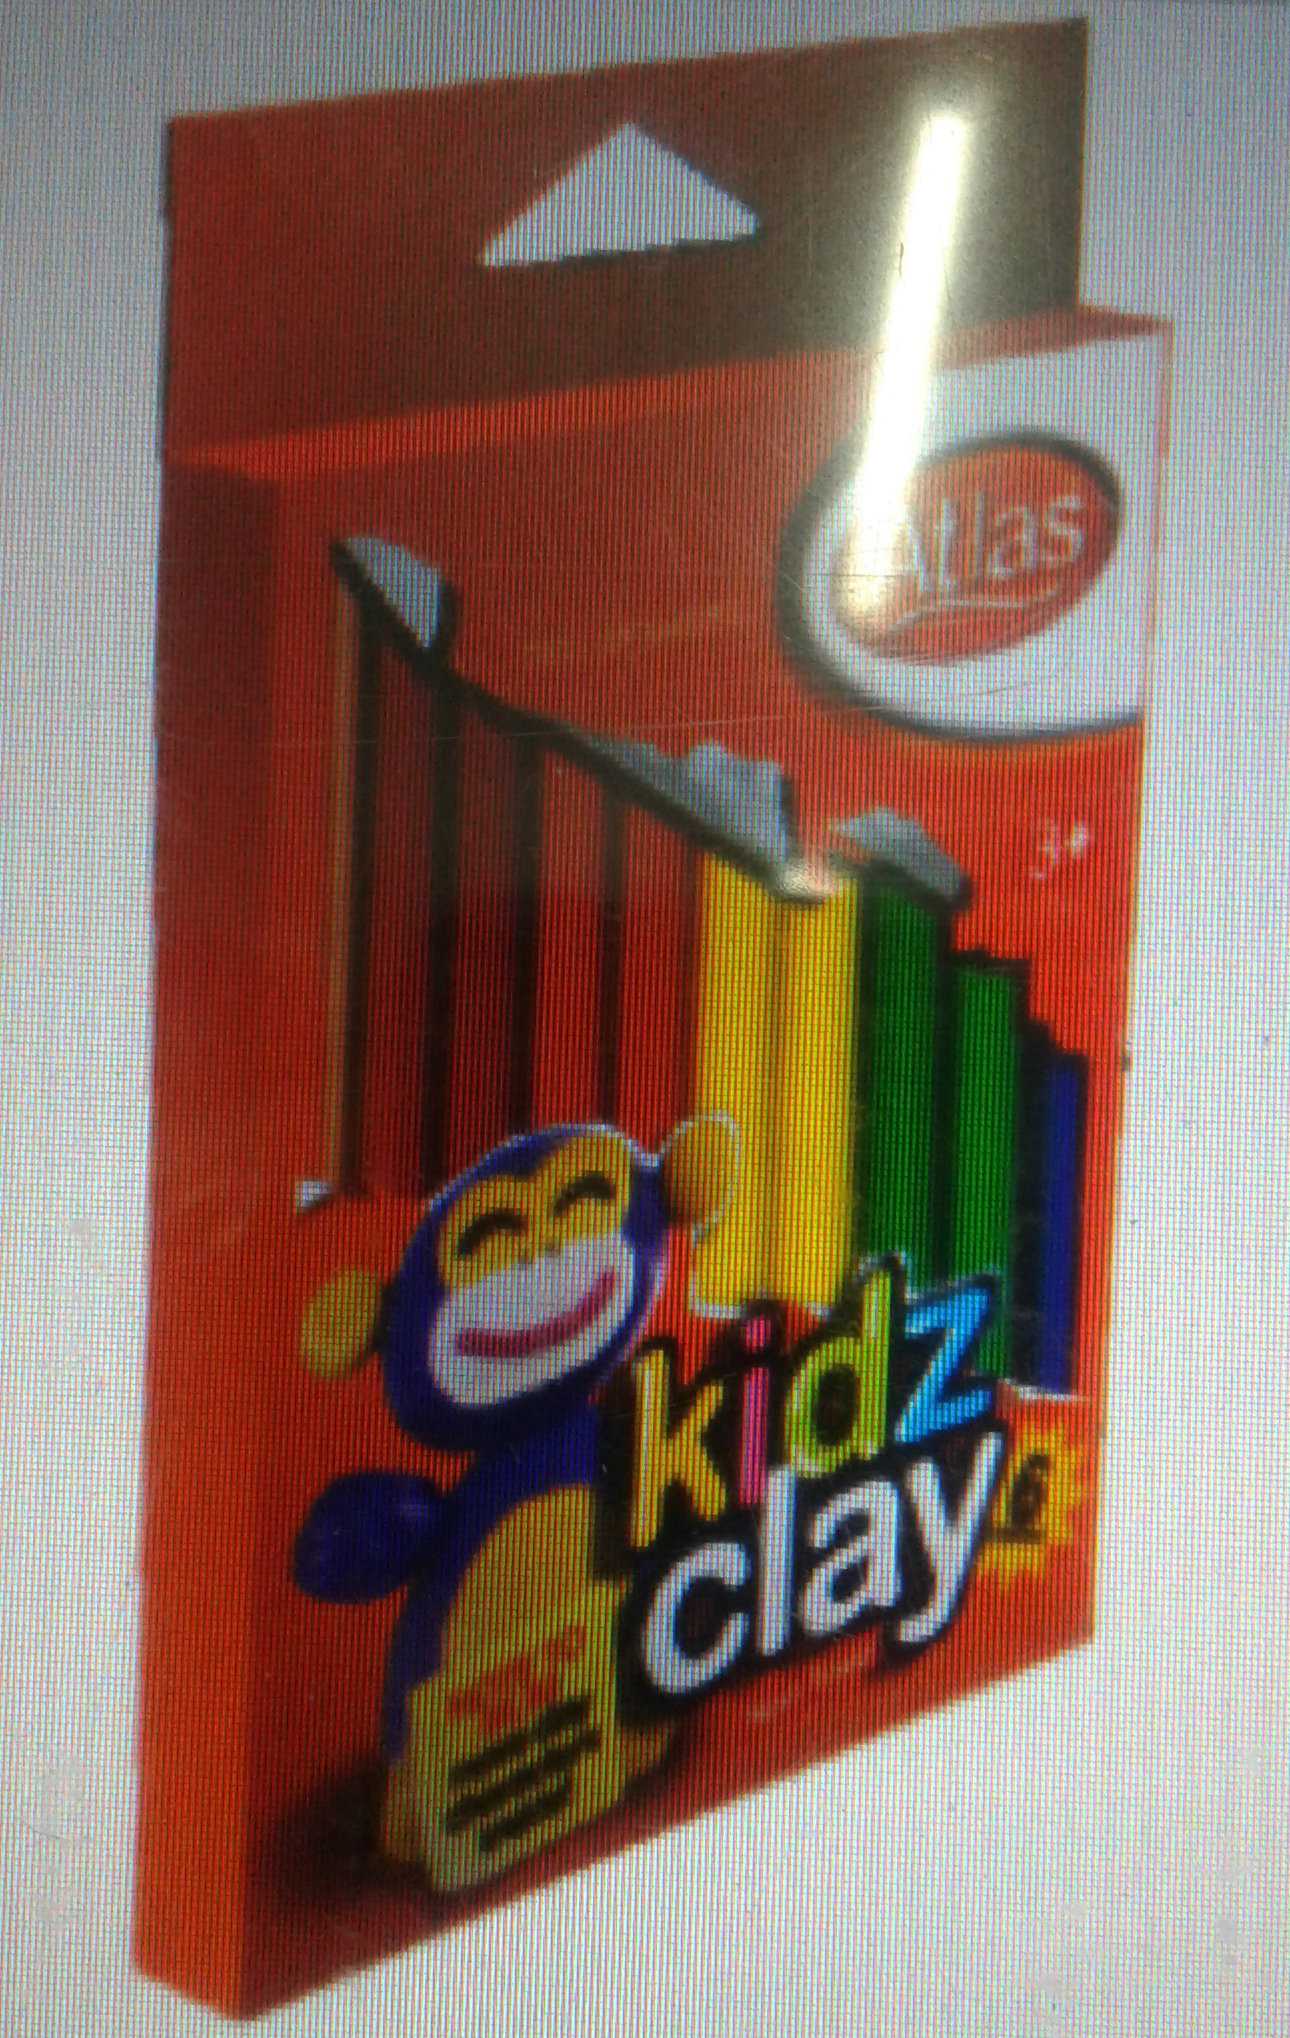 CLAY - ATLAS KIDZ CLAY 12 COLOURS - 02001876